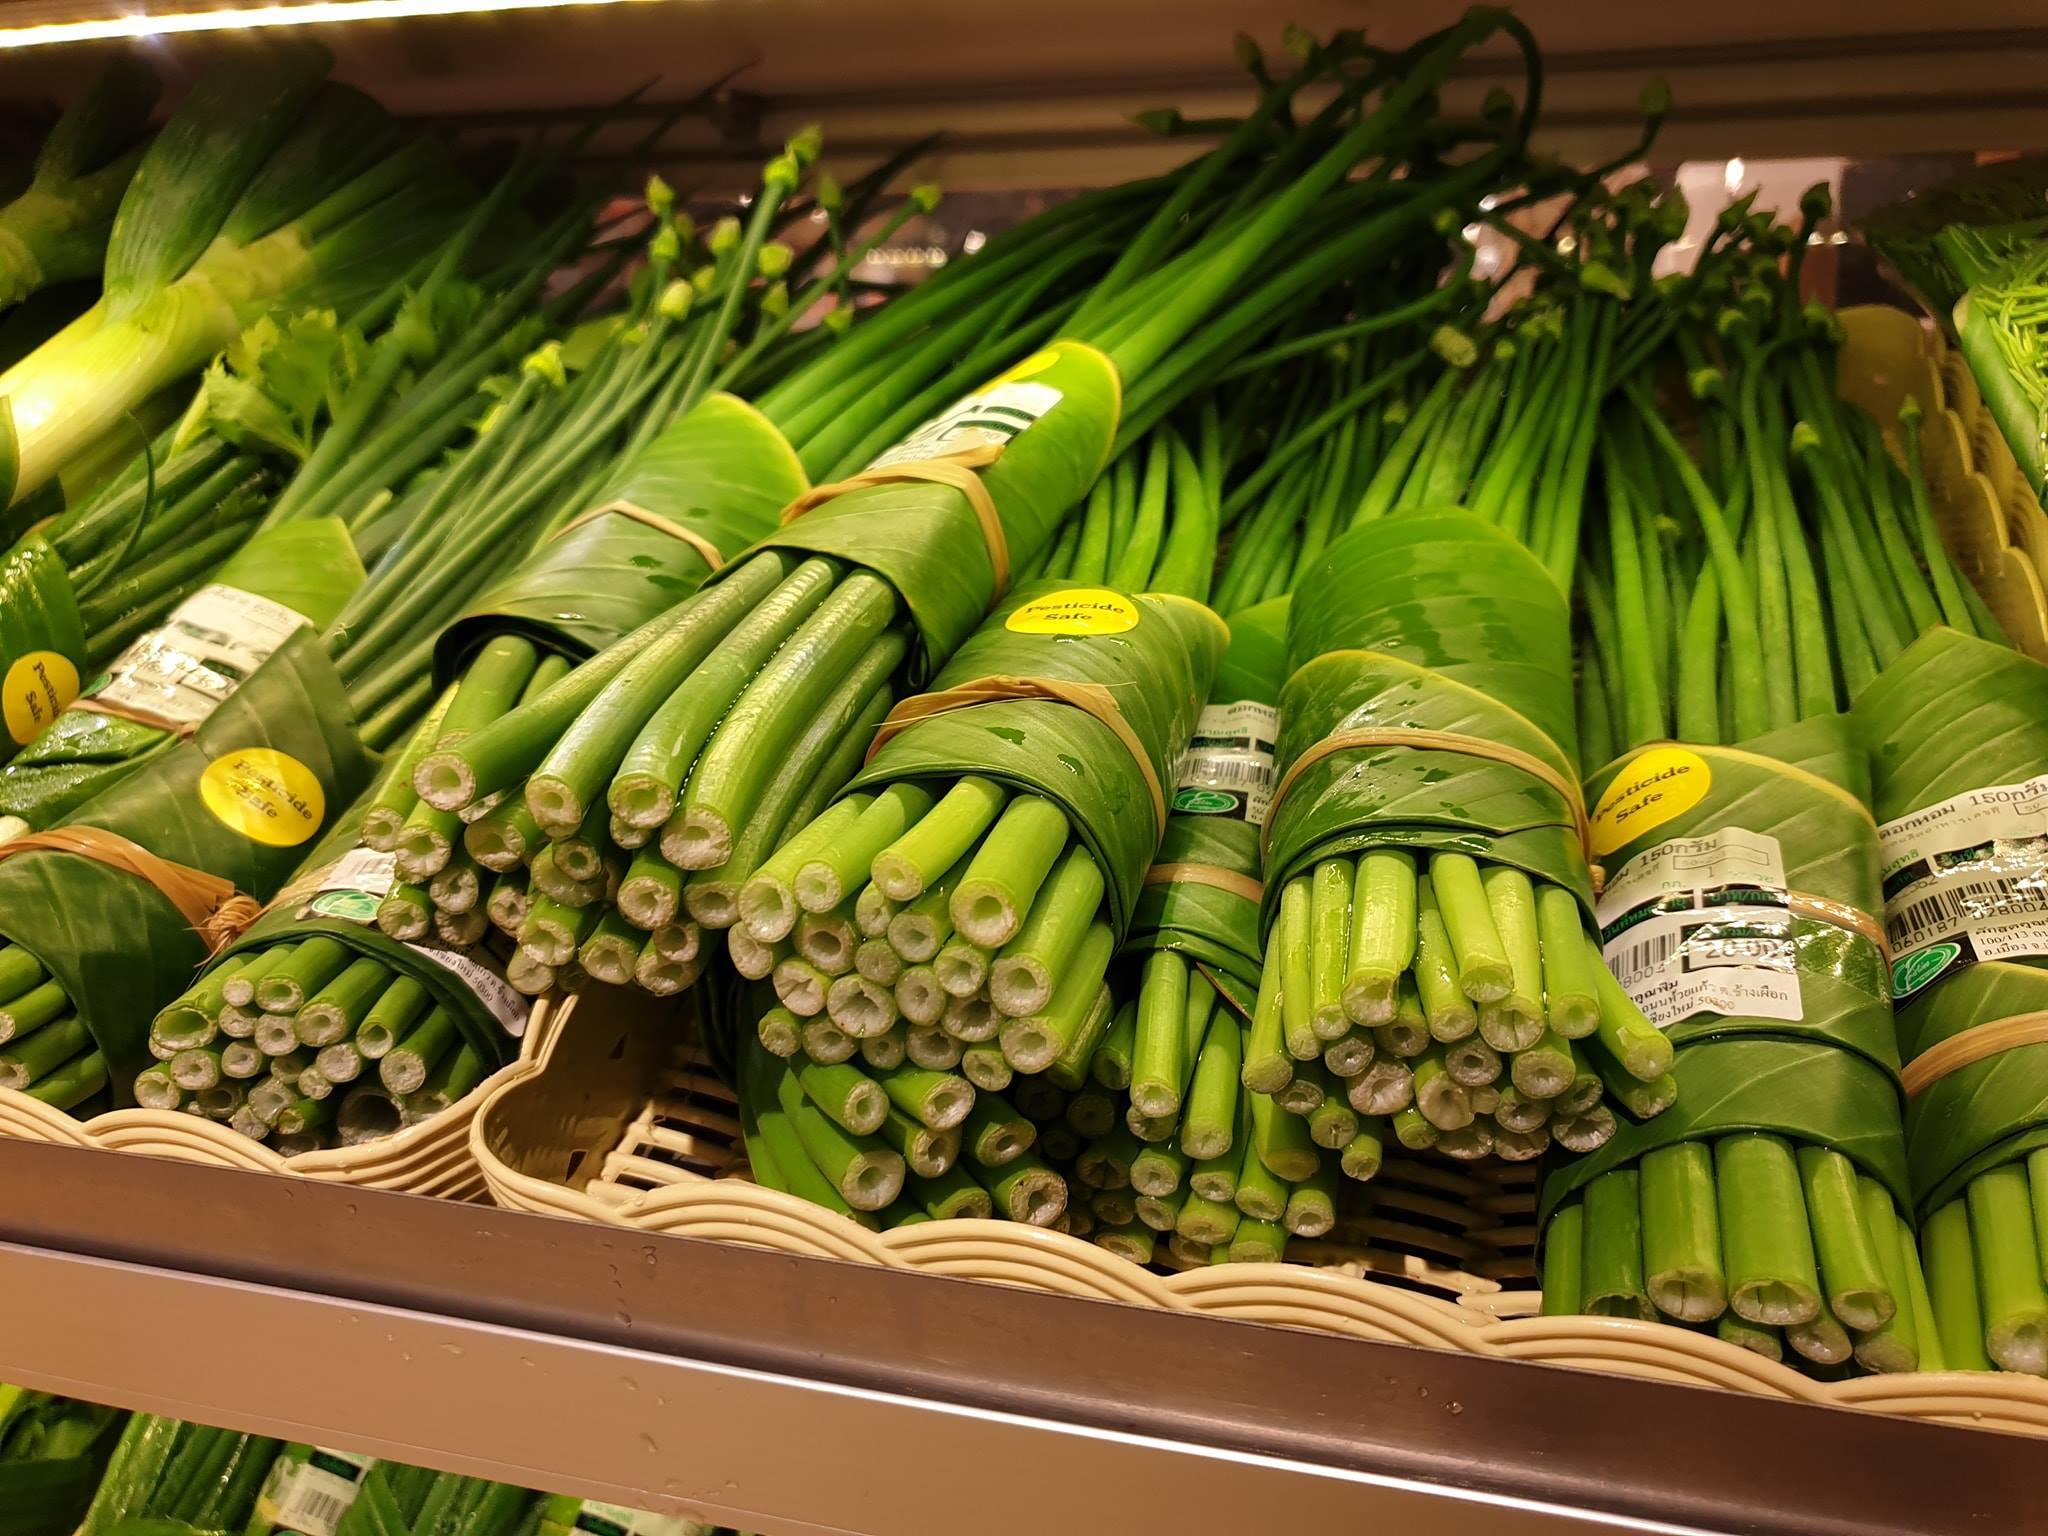 Warzywa zawinięte w liście bananowca